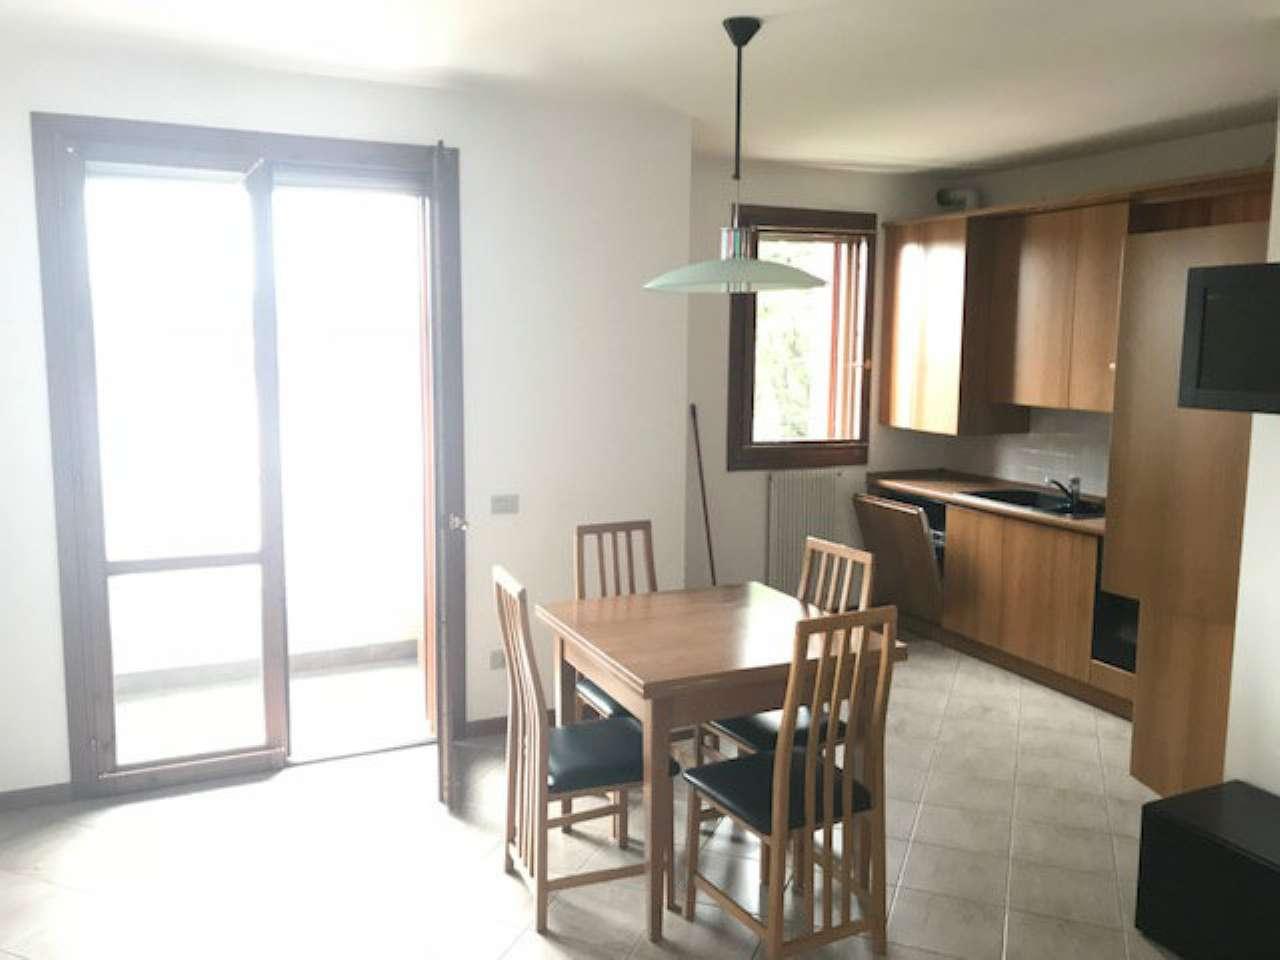 Appartamento in affitto a Silea, 3 locali, prezzo € 600 | CambioCasa.it